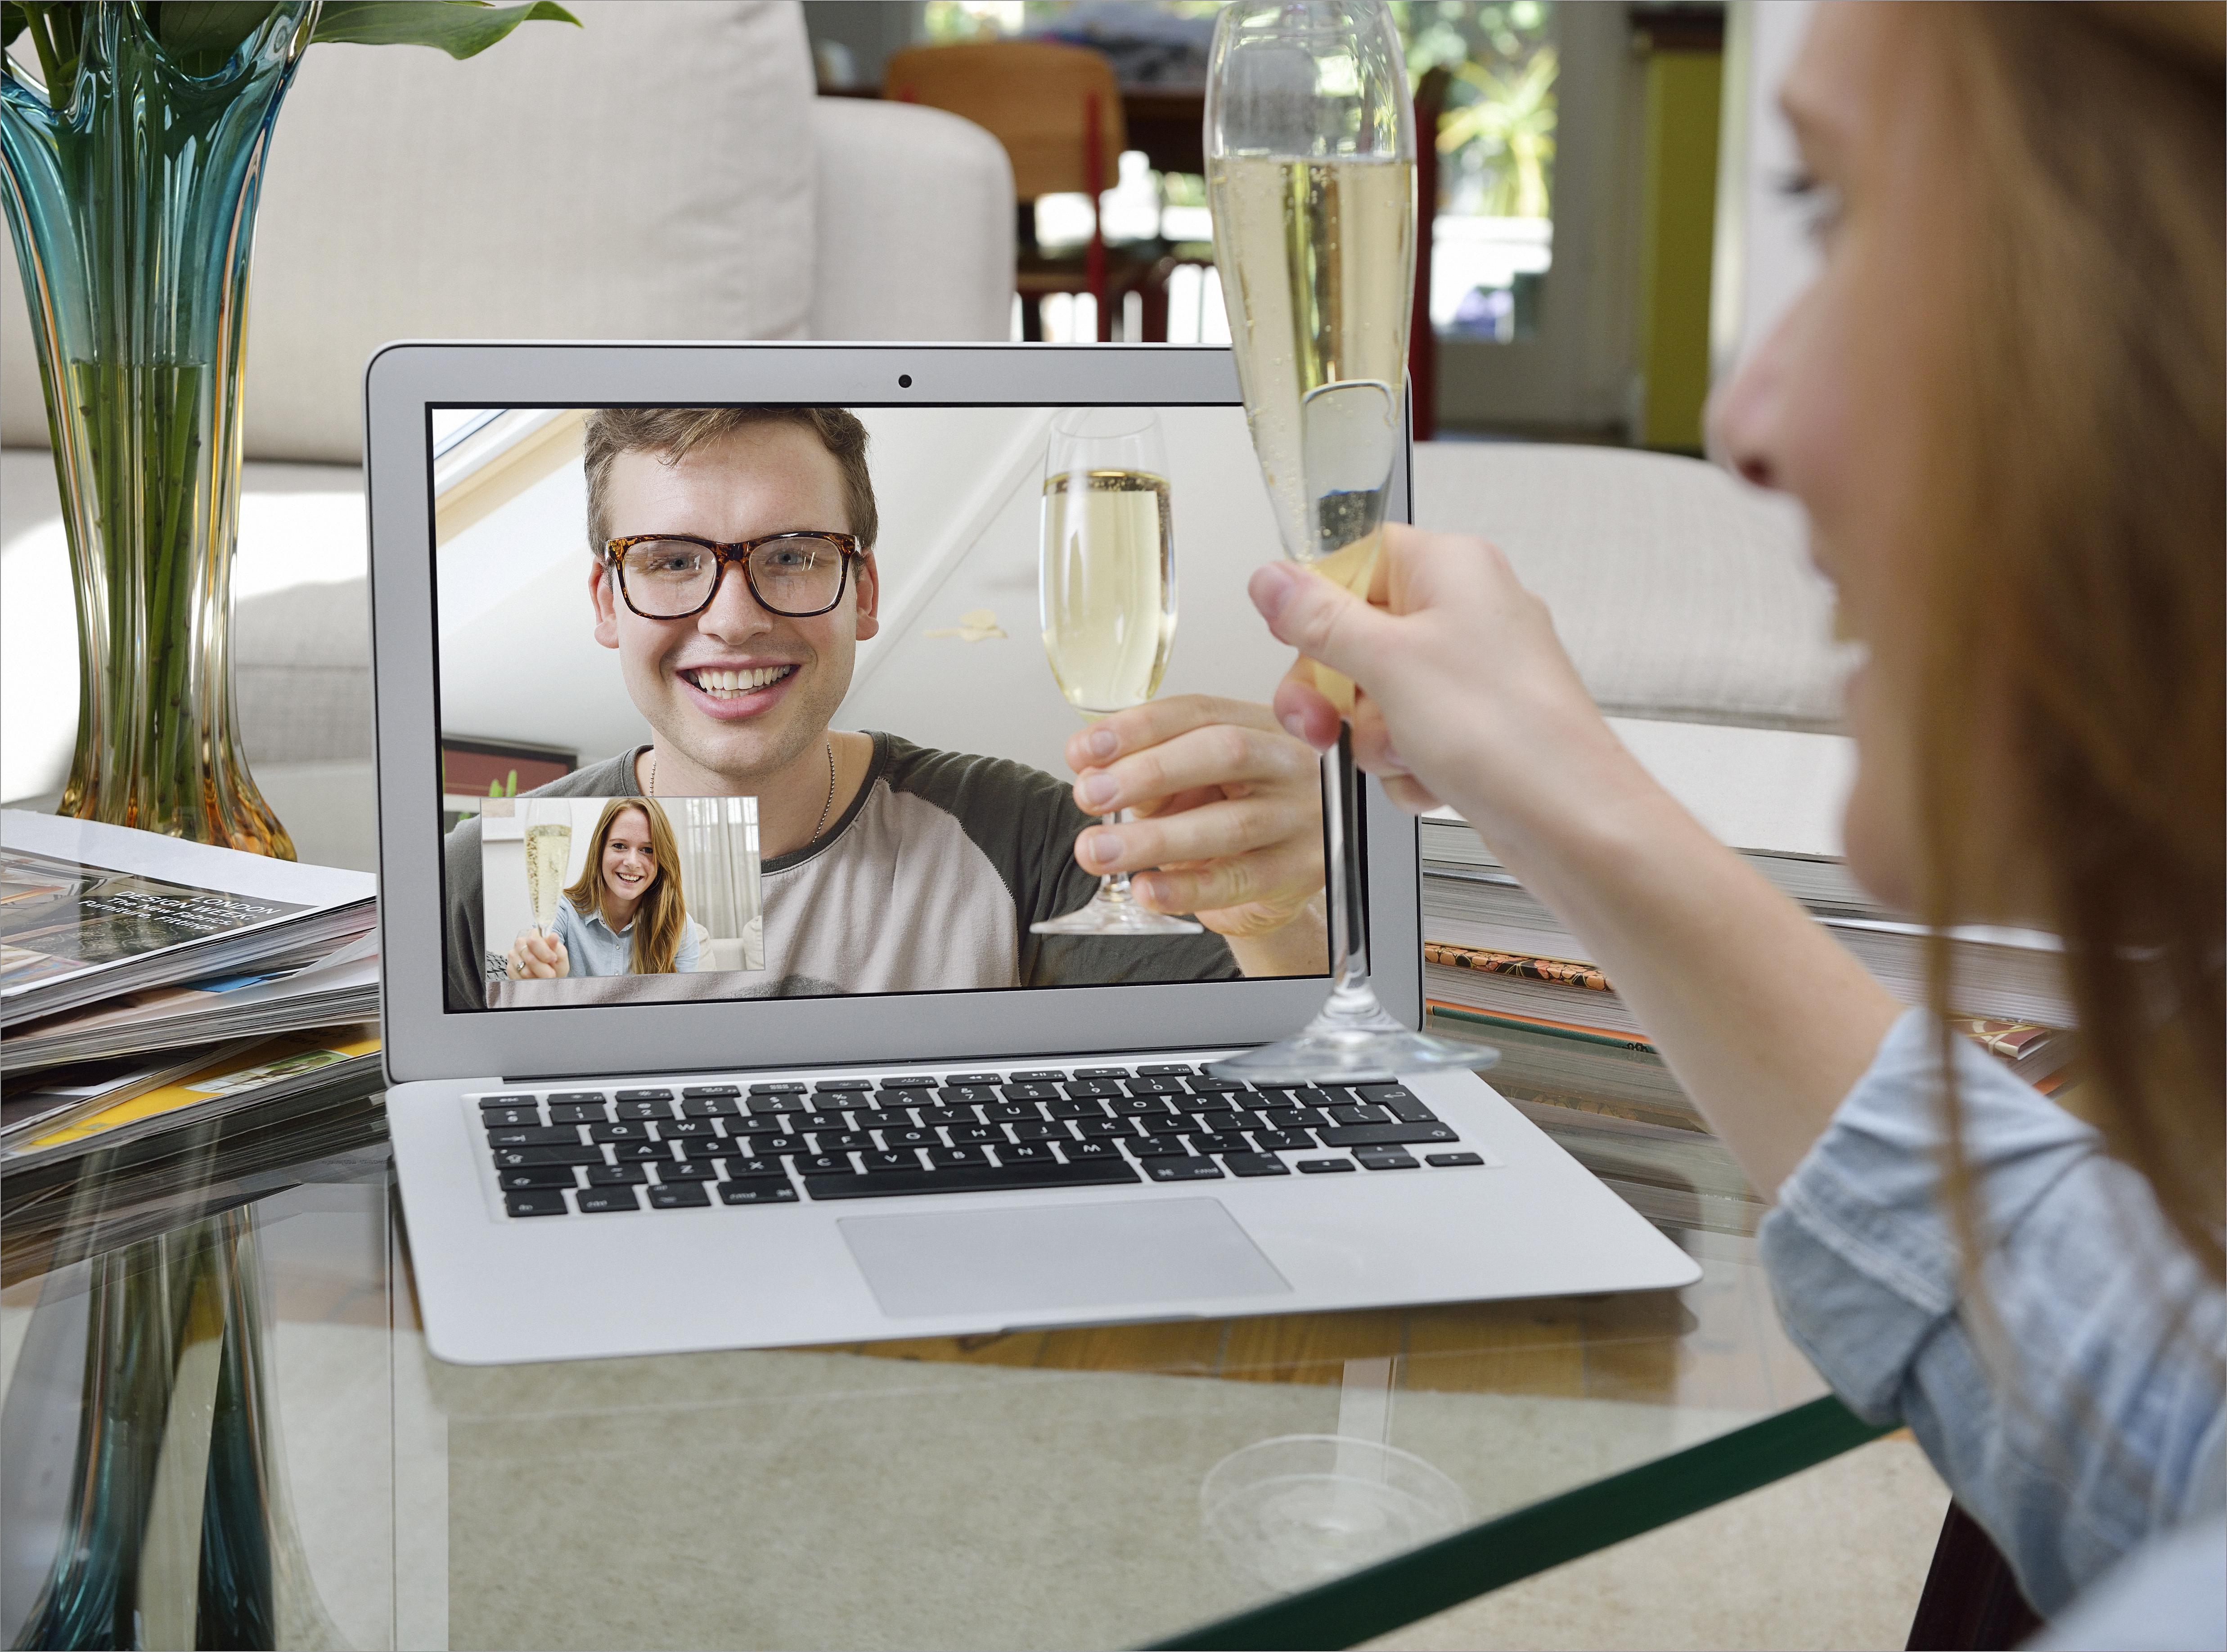 Bumble - Date Meet Network Better